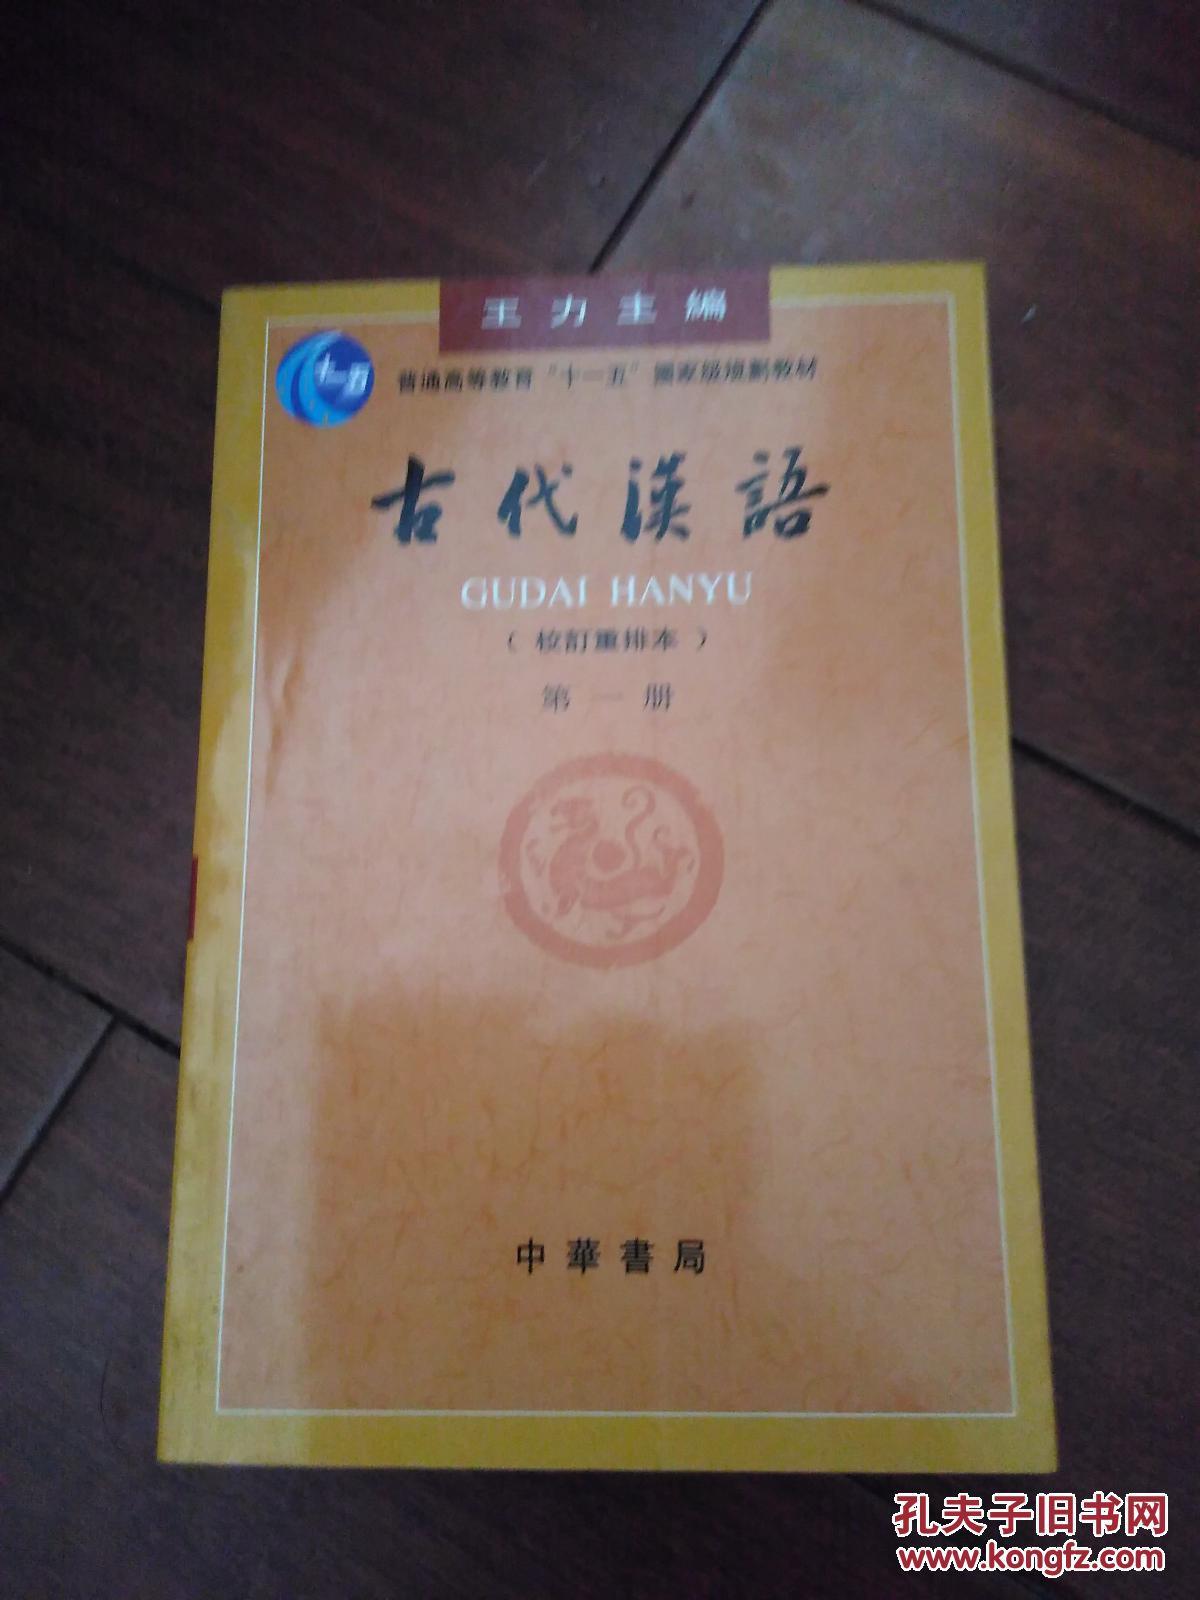 【图】古代汉语(校订重排本)图片